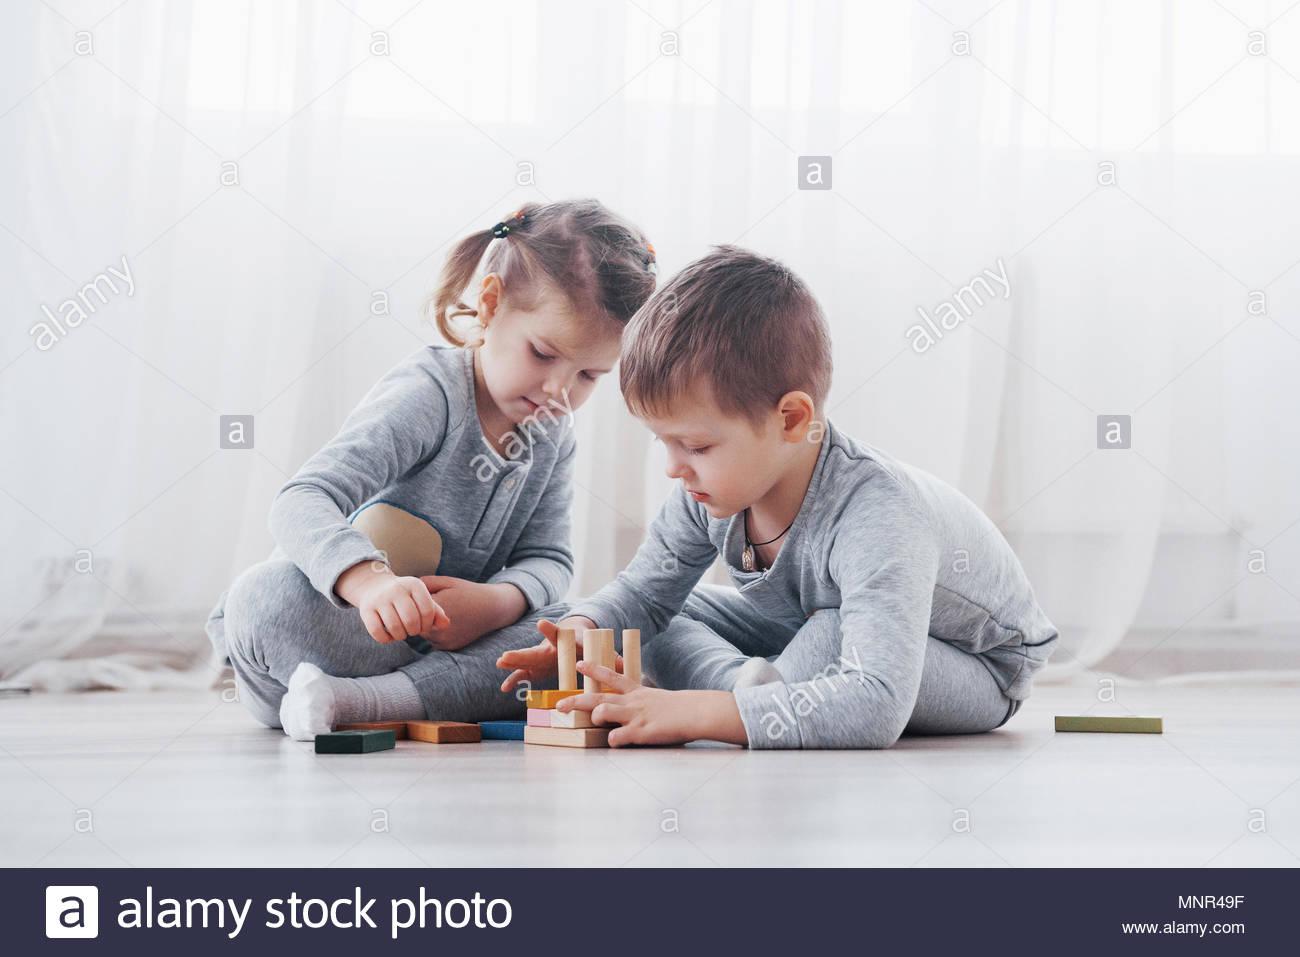 Les Enfants Jouent Avec Un Créateur De Jouets Sur Le à Jeux Didactiques Maternelle